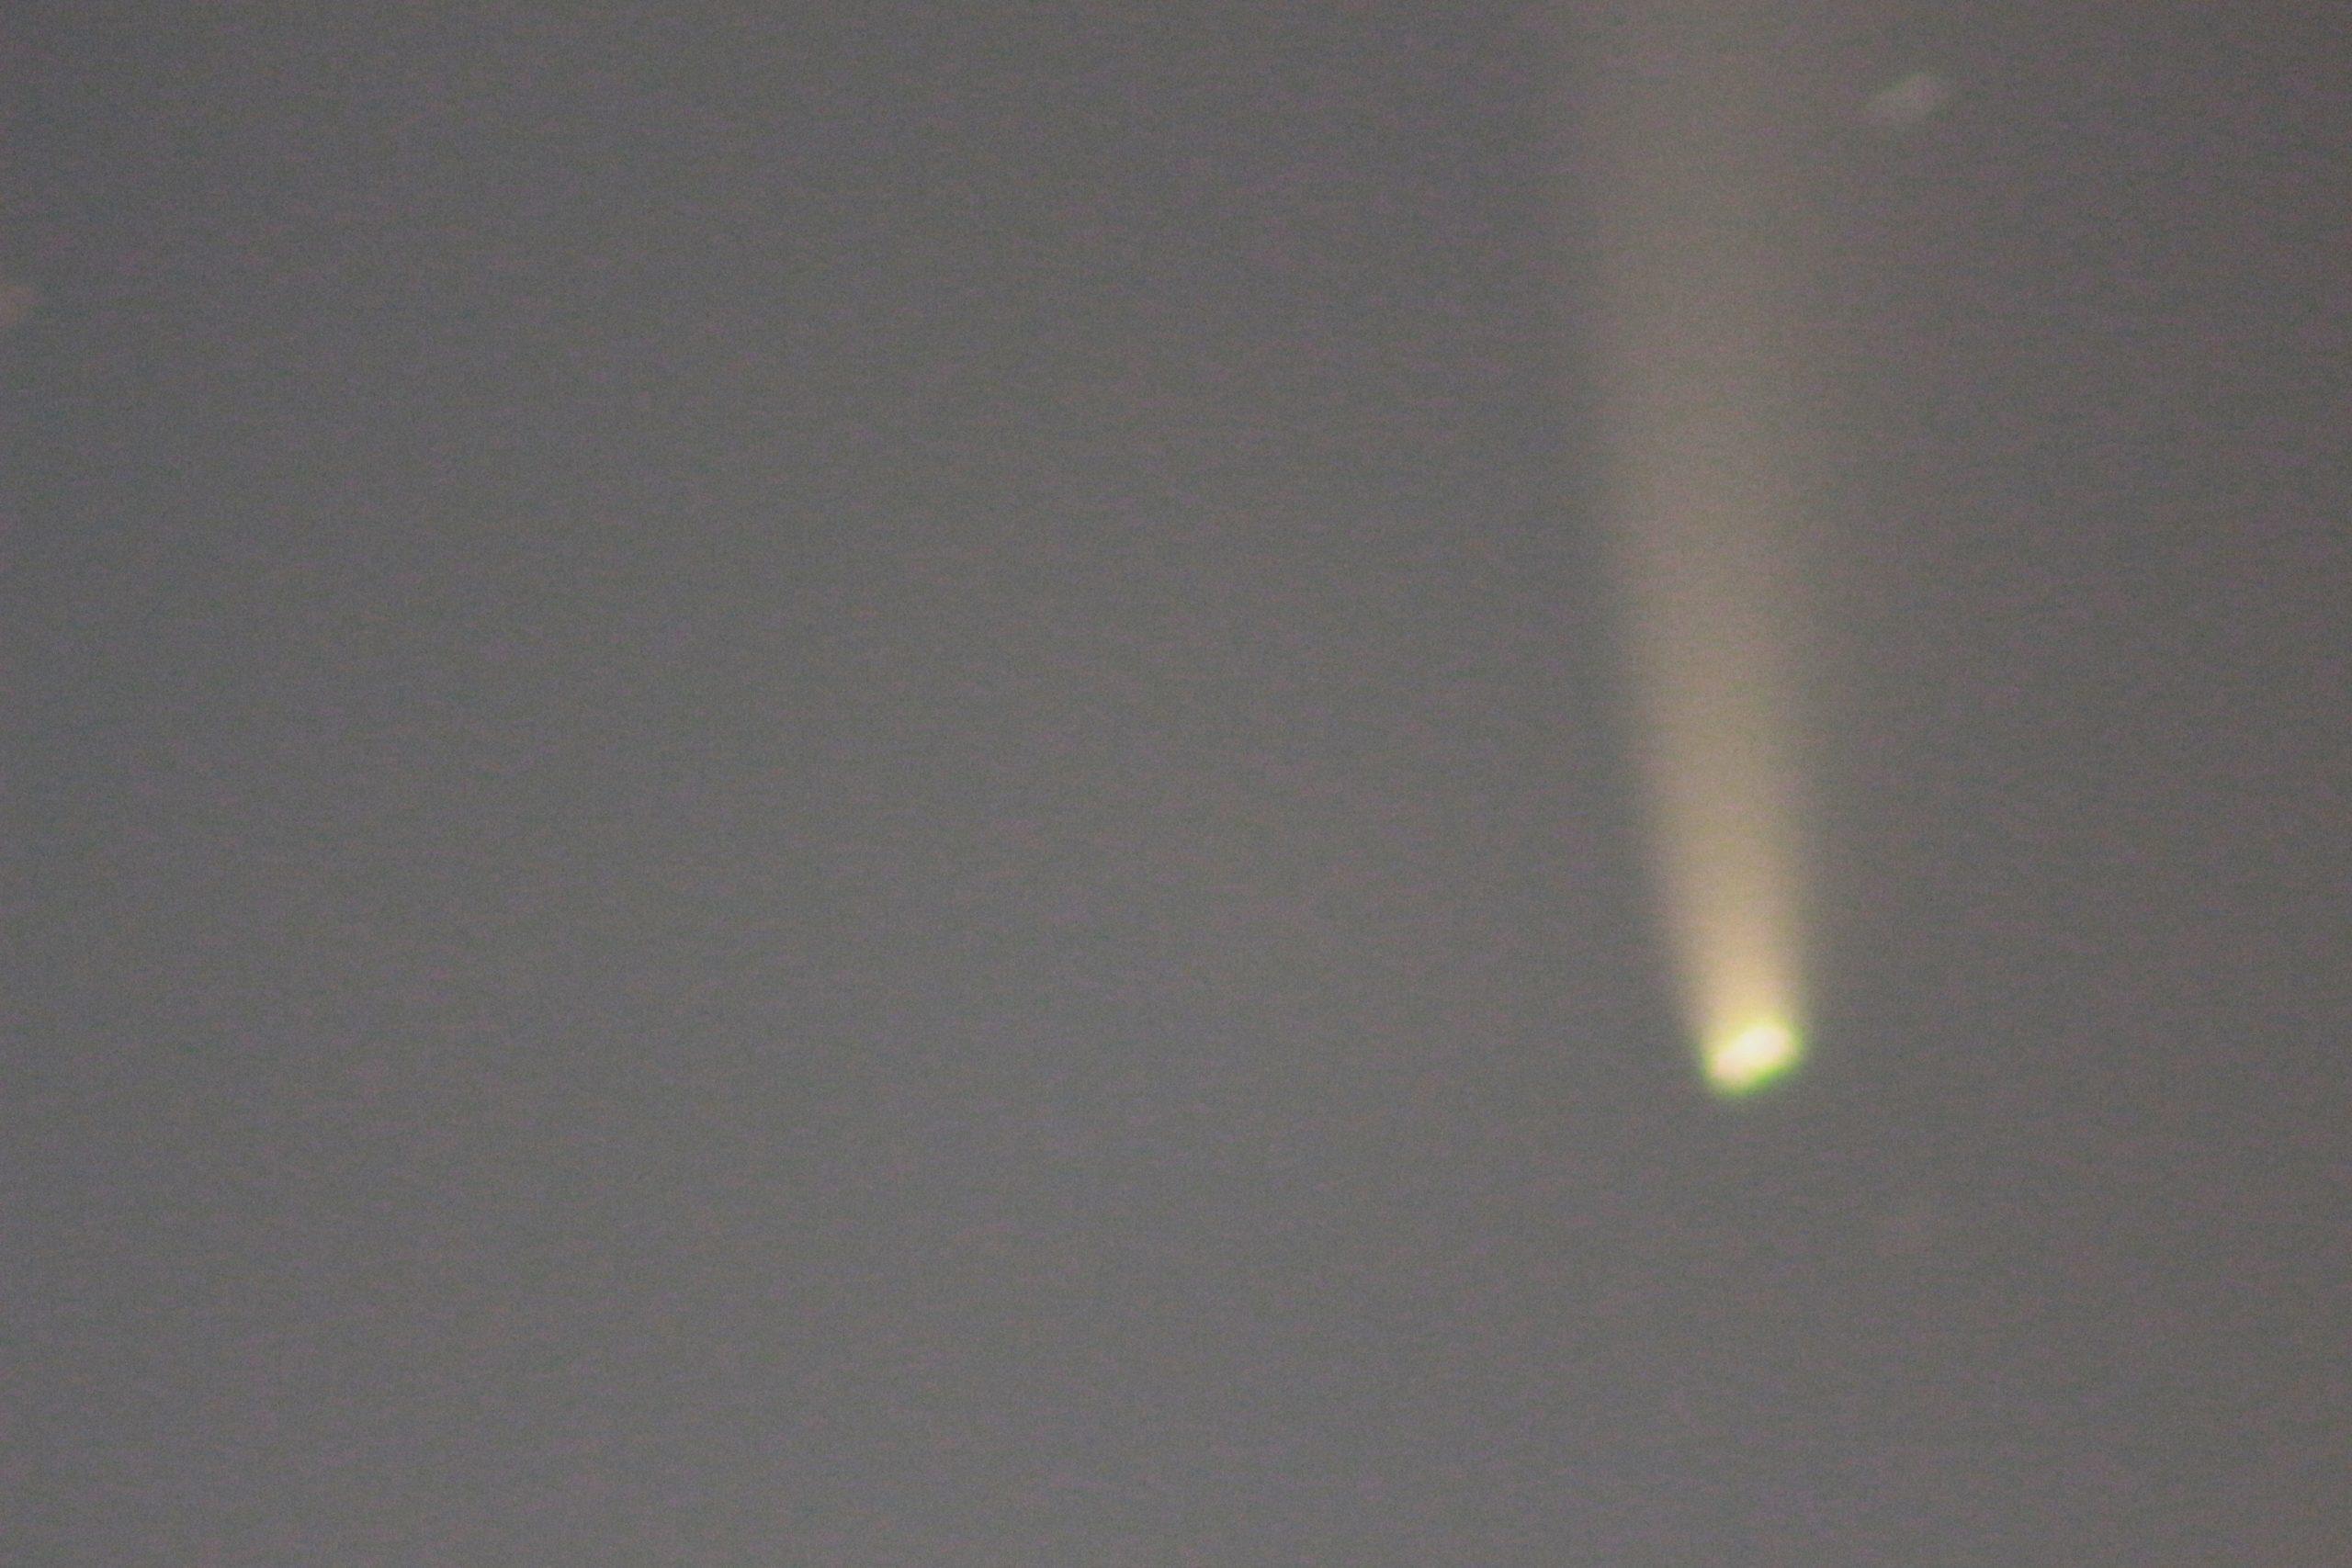 <p>Cometa Neowise<br /> 12/07/2020  ore 4;<br /> Lens Sigma 400x2/72;<br /> Canon 700D</p>